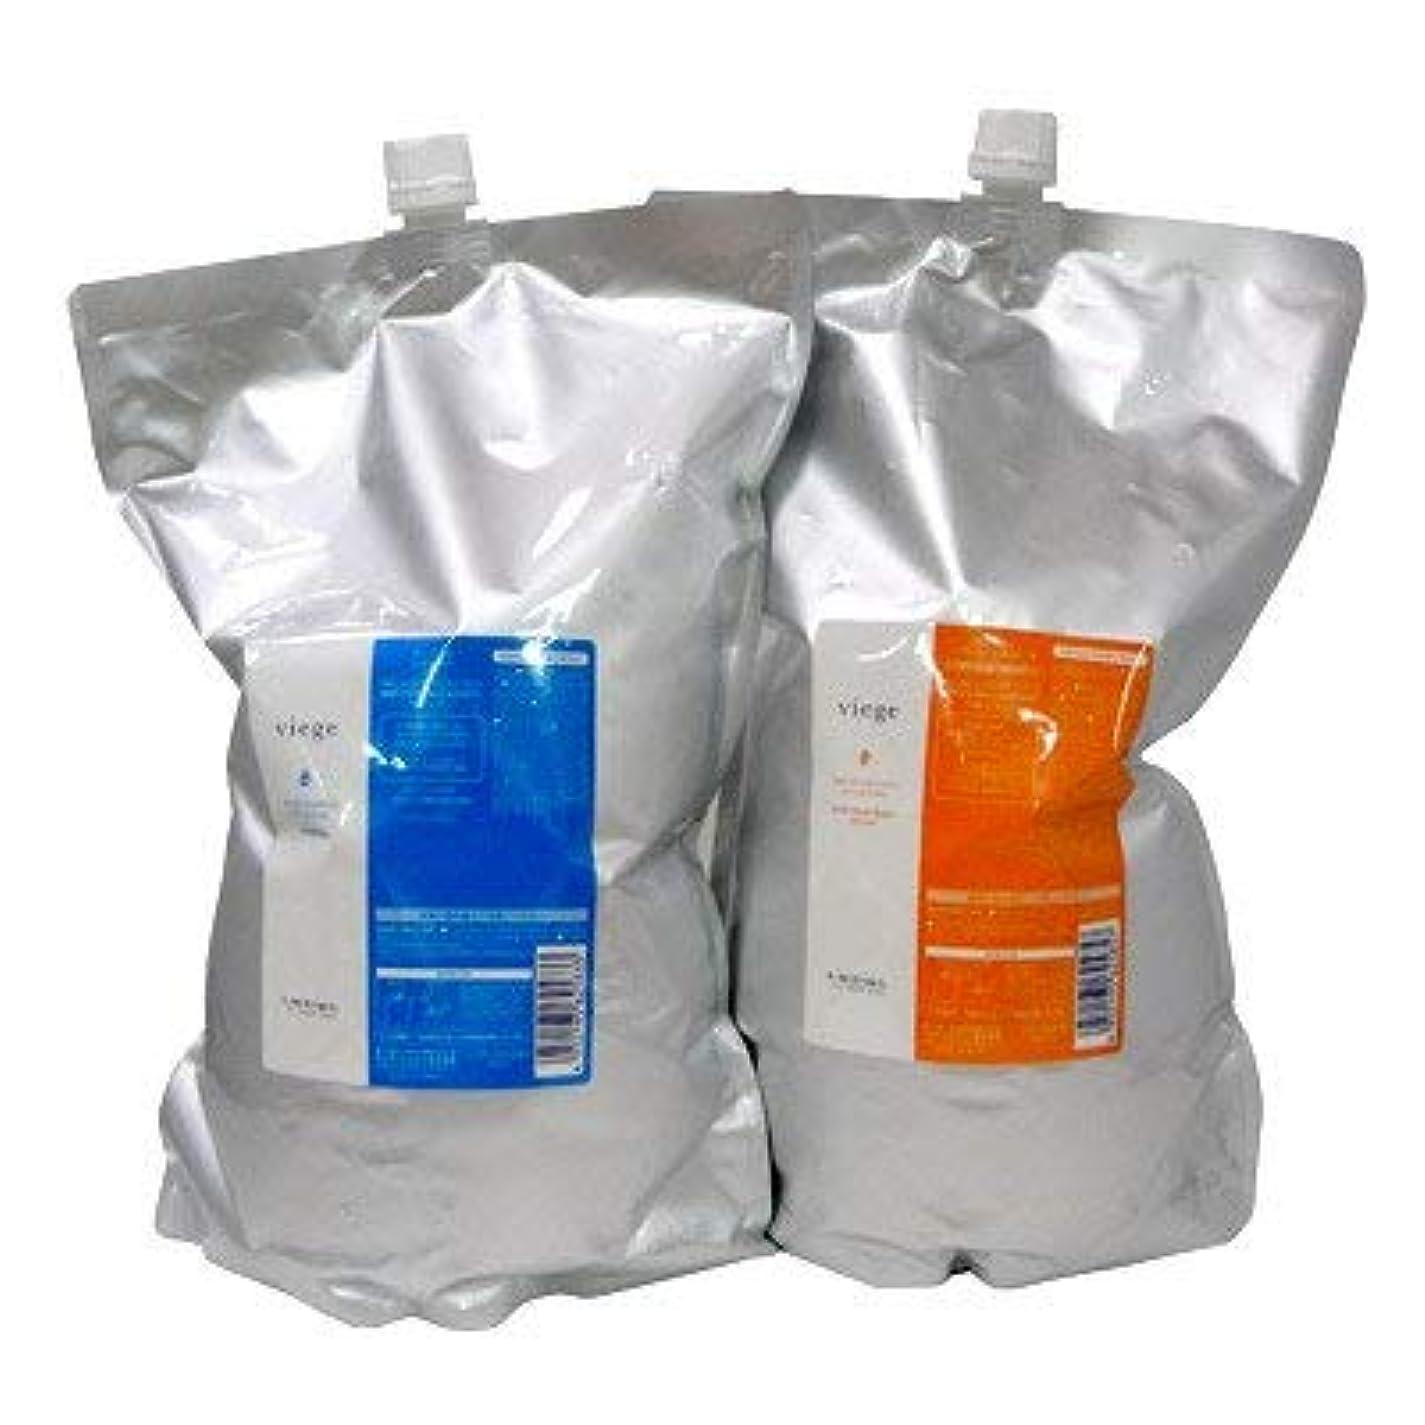 責香ばしい含むルベル ヴィージェ シャンプー/ トリートメントV2.5LR(ボリューム)セット